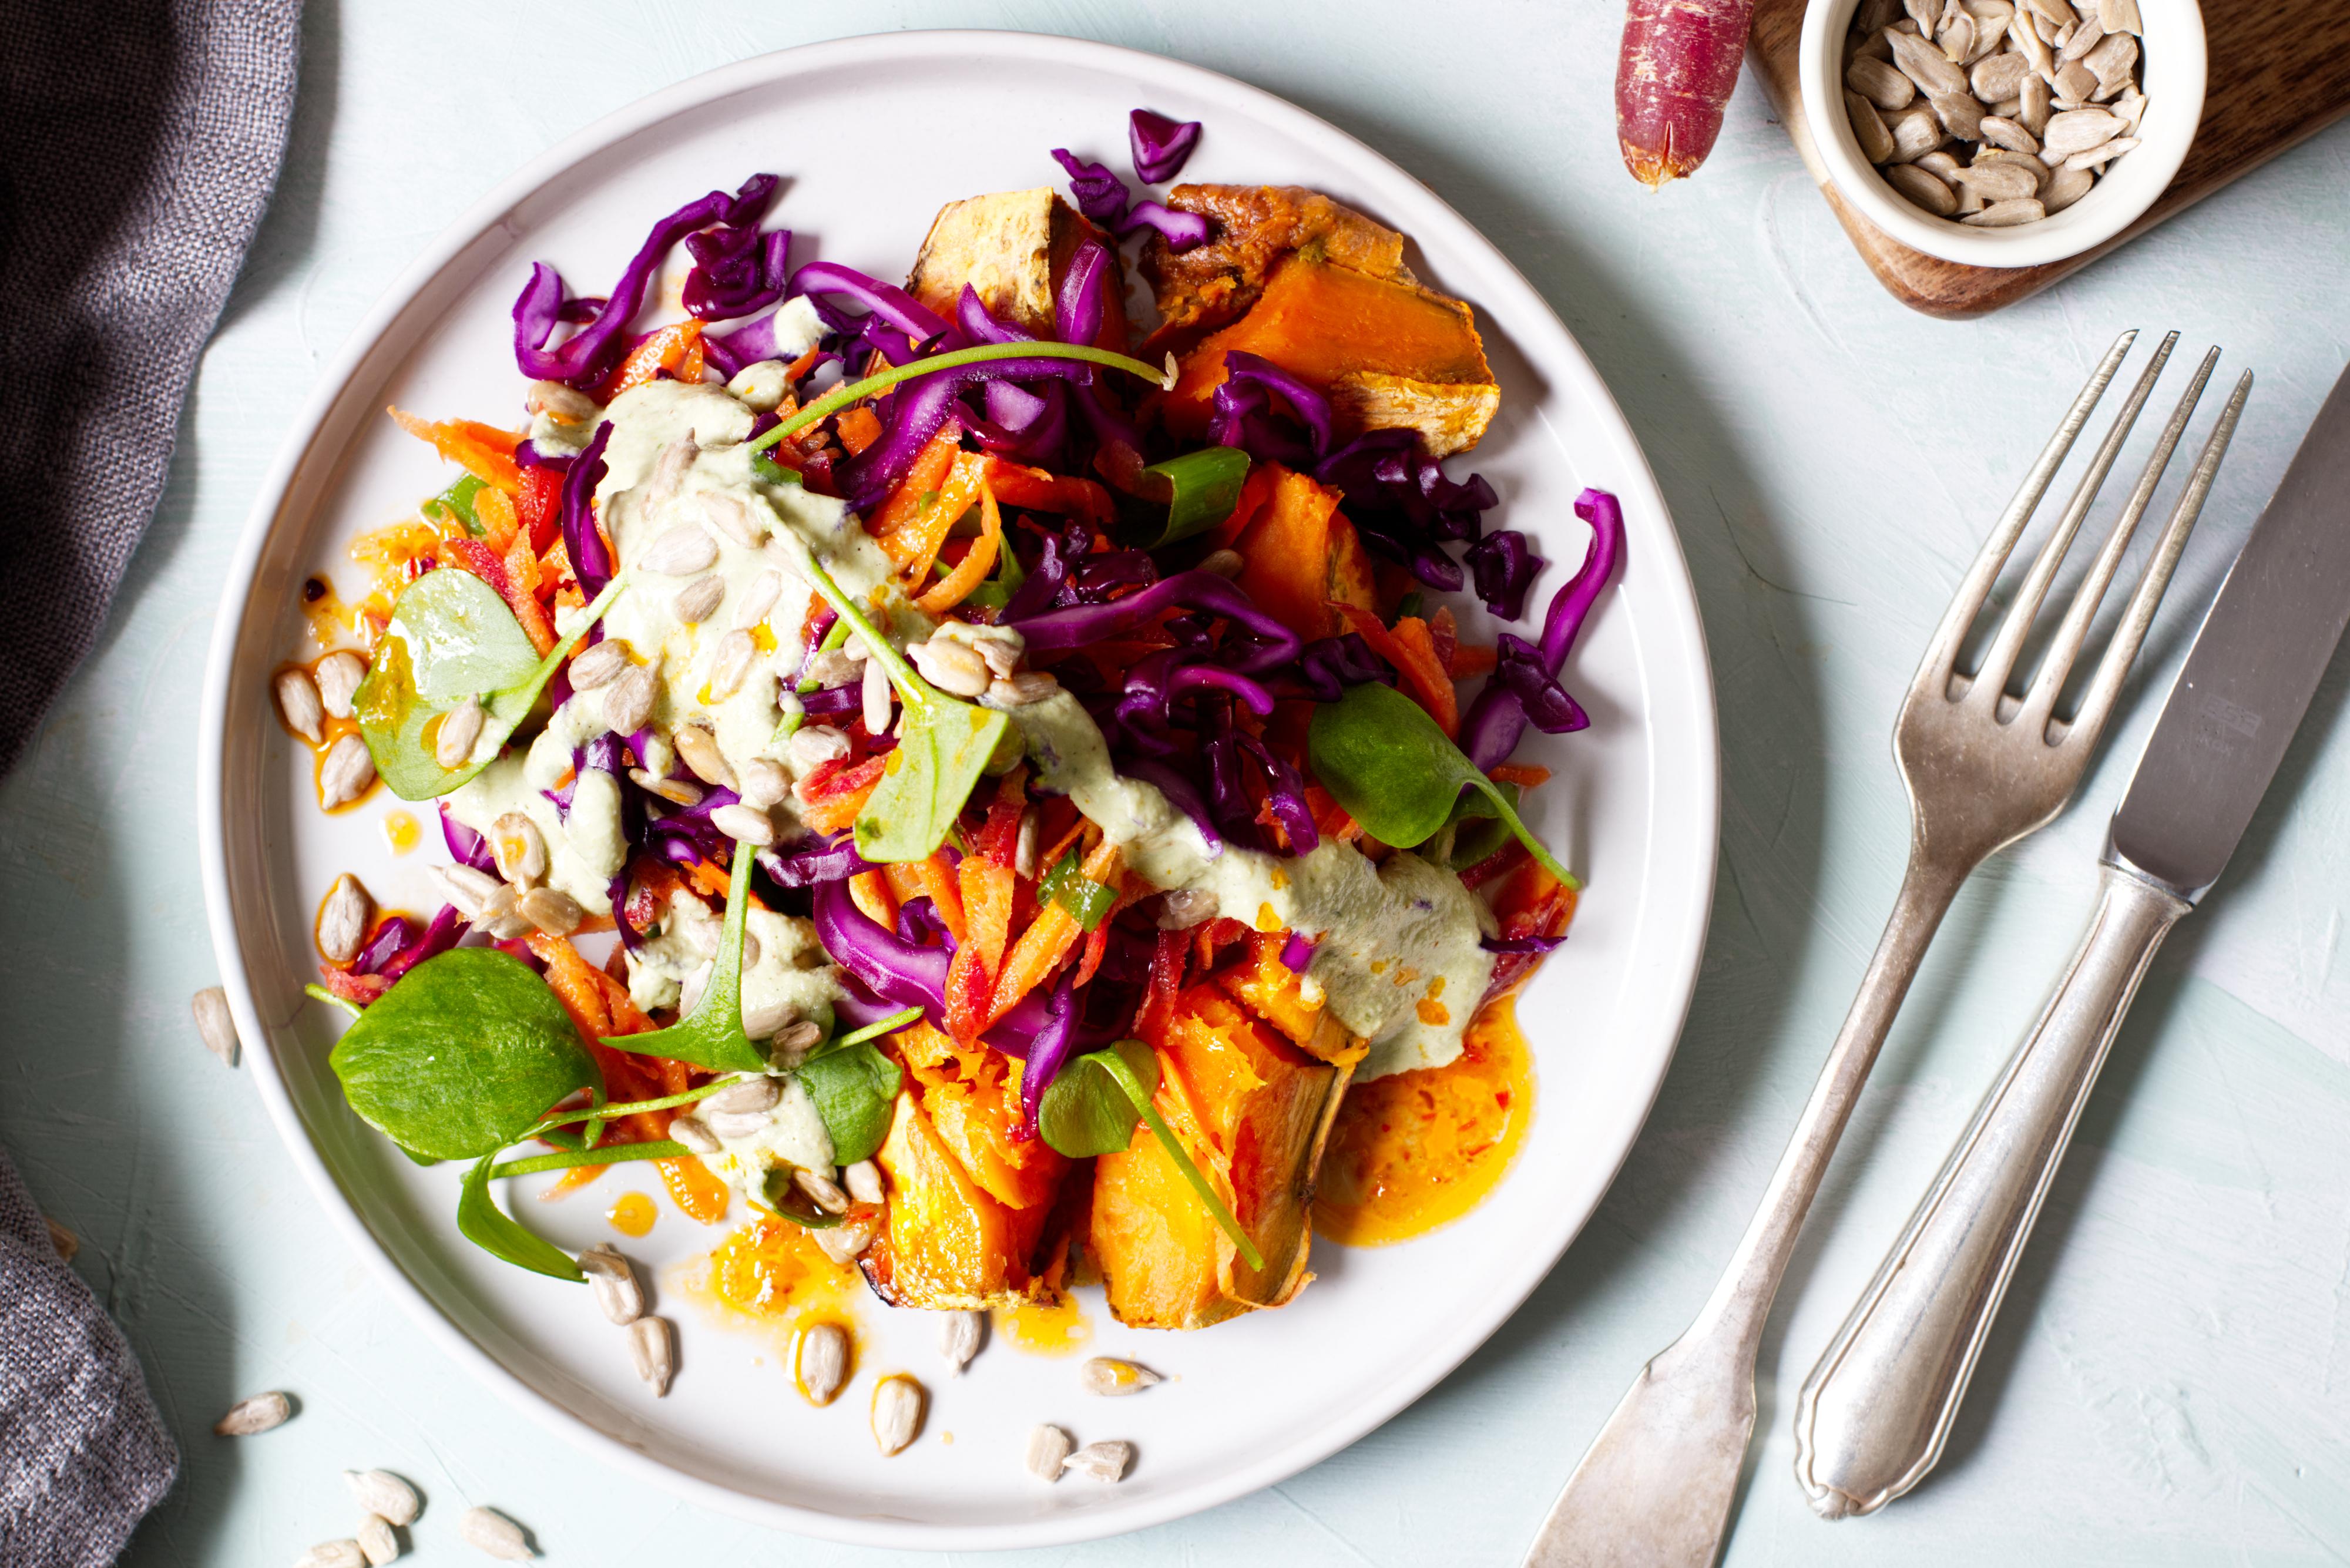 Basenfasten-Rezept Gebackene Süßkartoffel mit Gemüse-Topping